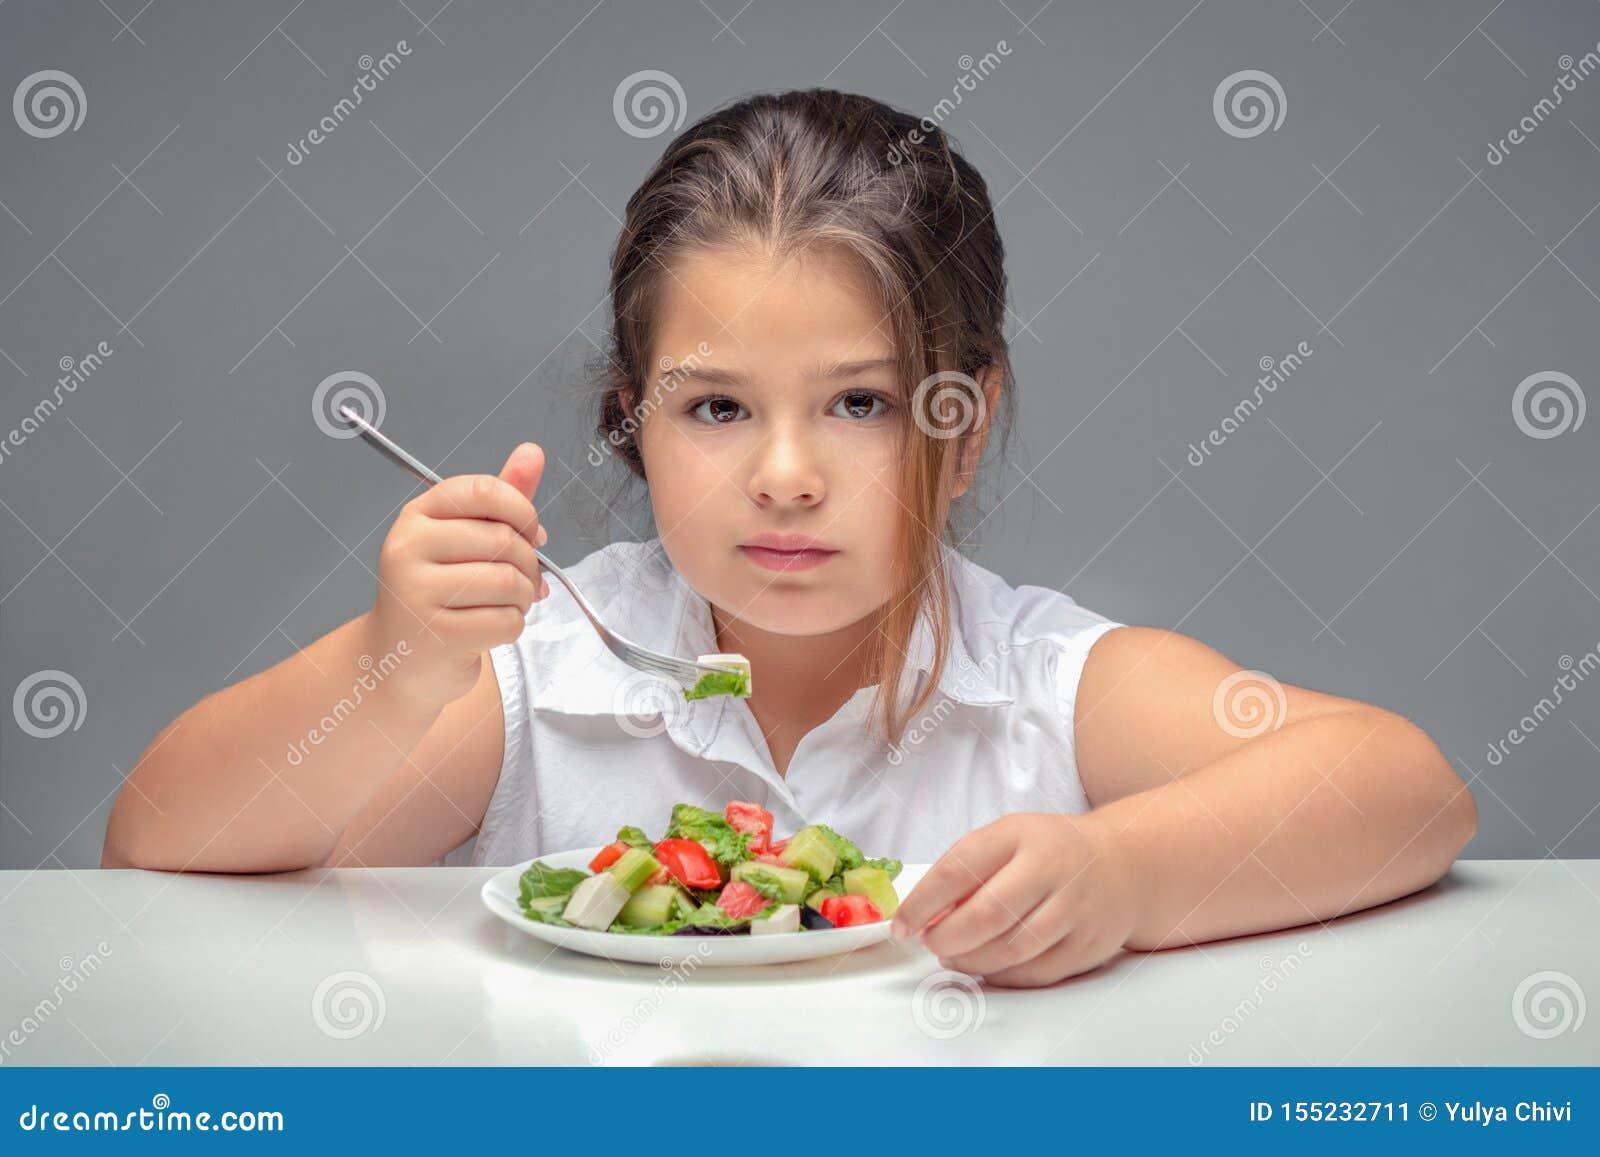 Девушка на таблице есть салат, полный ребенка